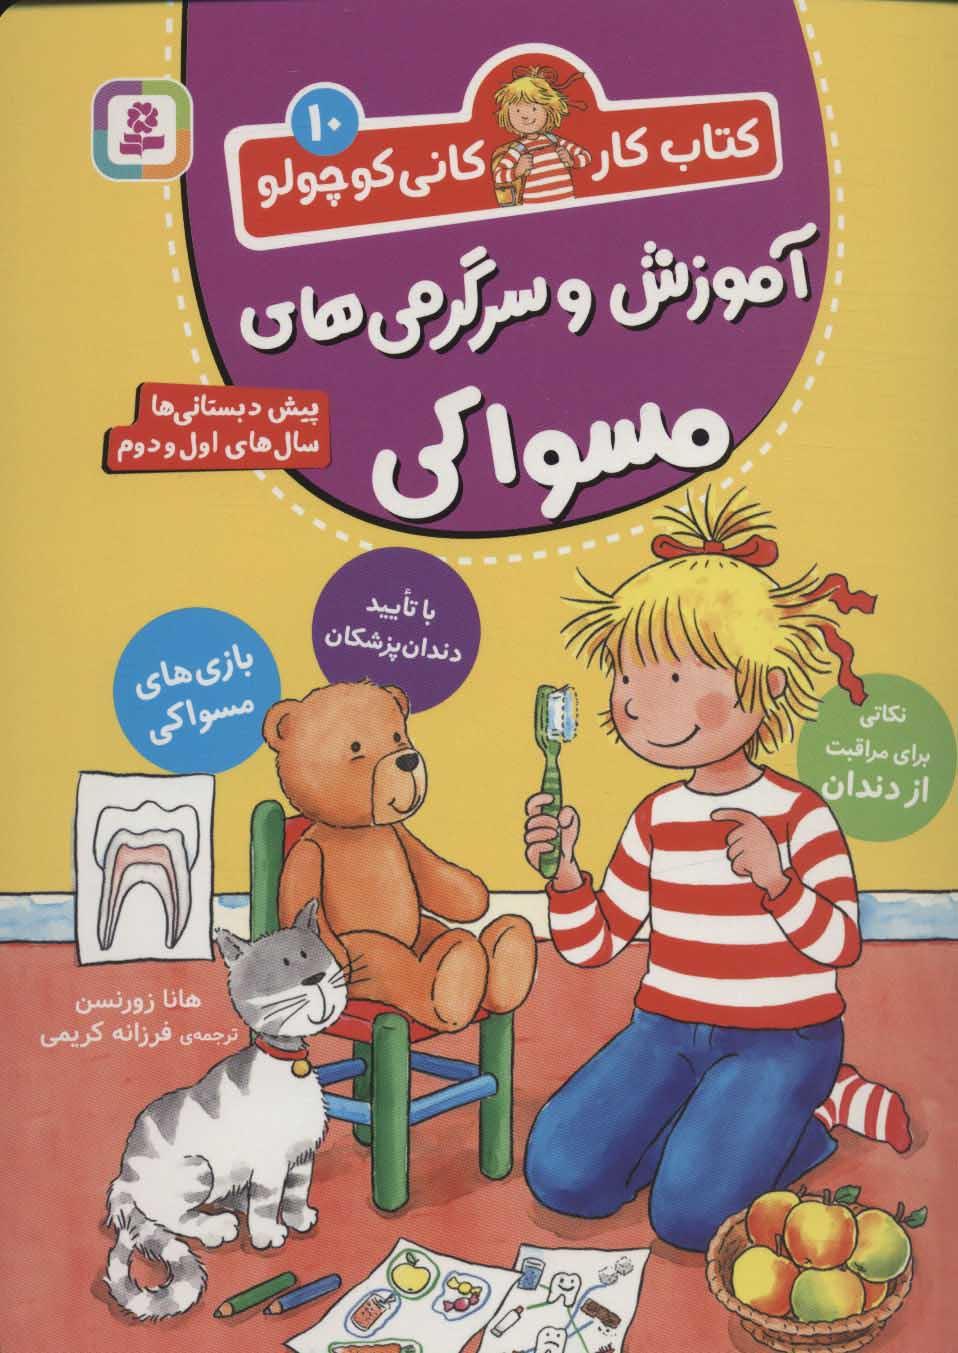 آموزش و سرگرمی های مسواکی (کتاب کار کانی کوچولو10)